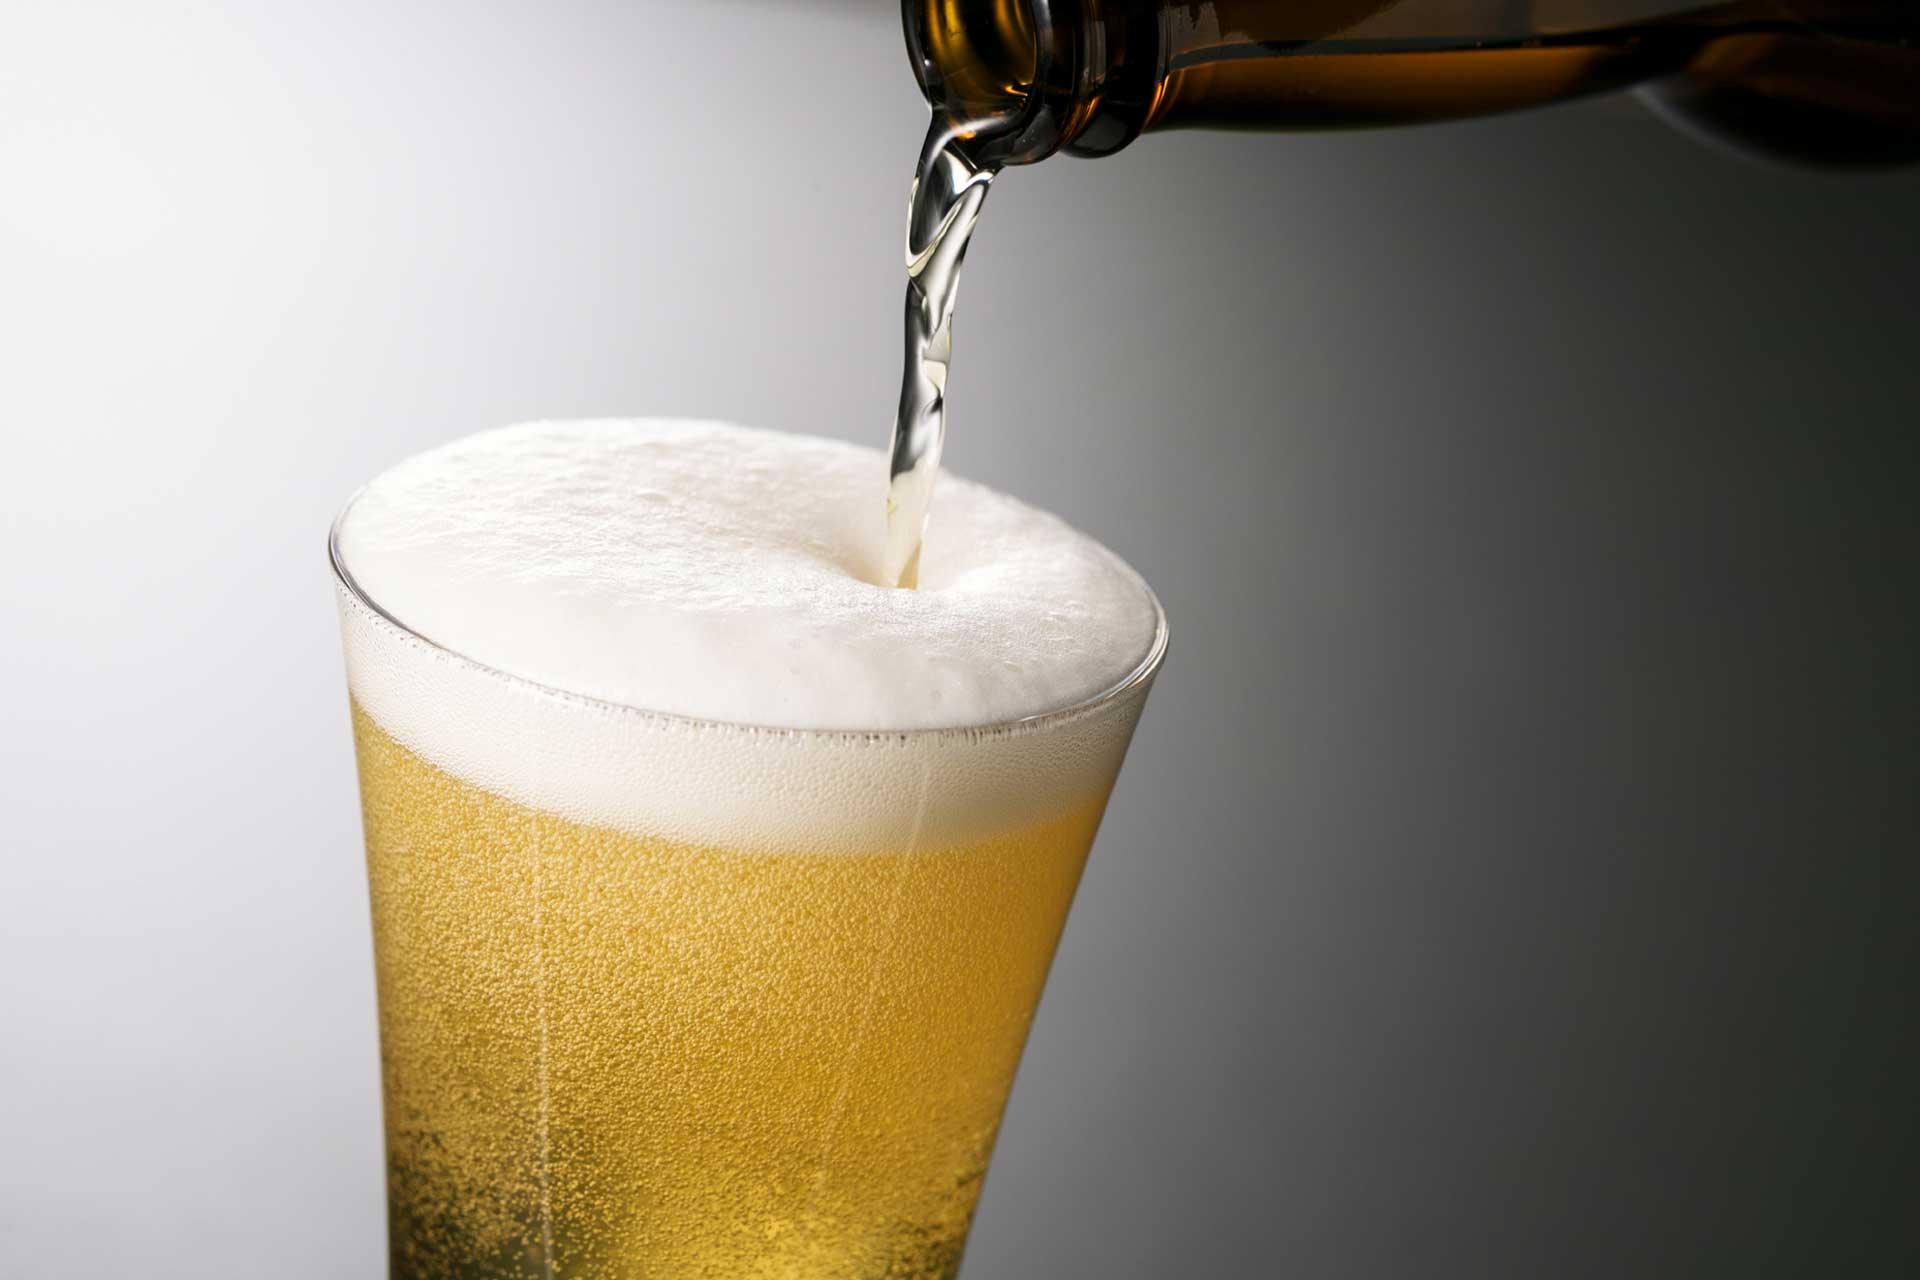 川場ビール&育風堂セットの商品詳細イメージ-1560